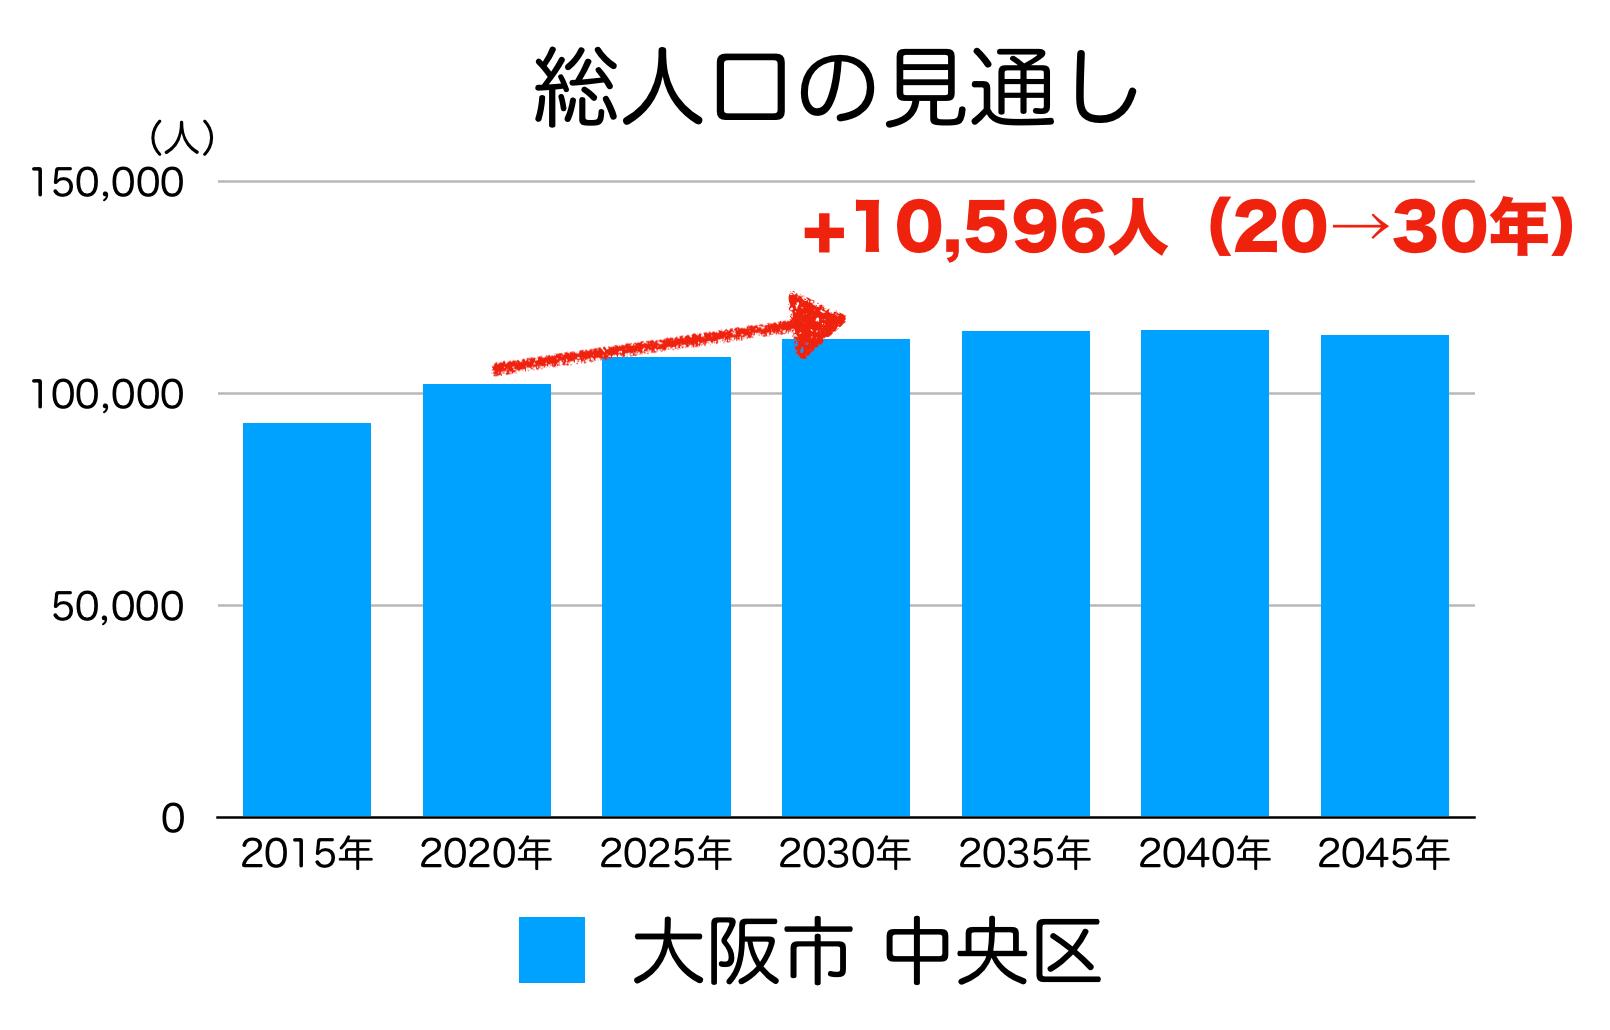 大阪市中央区の人口予測